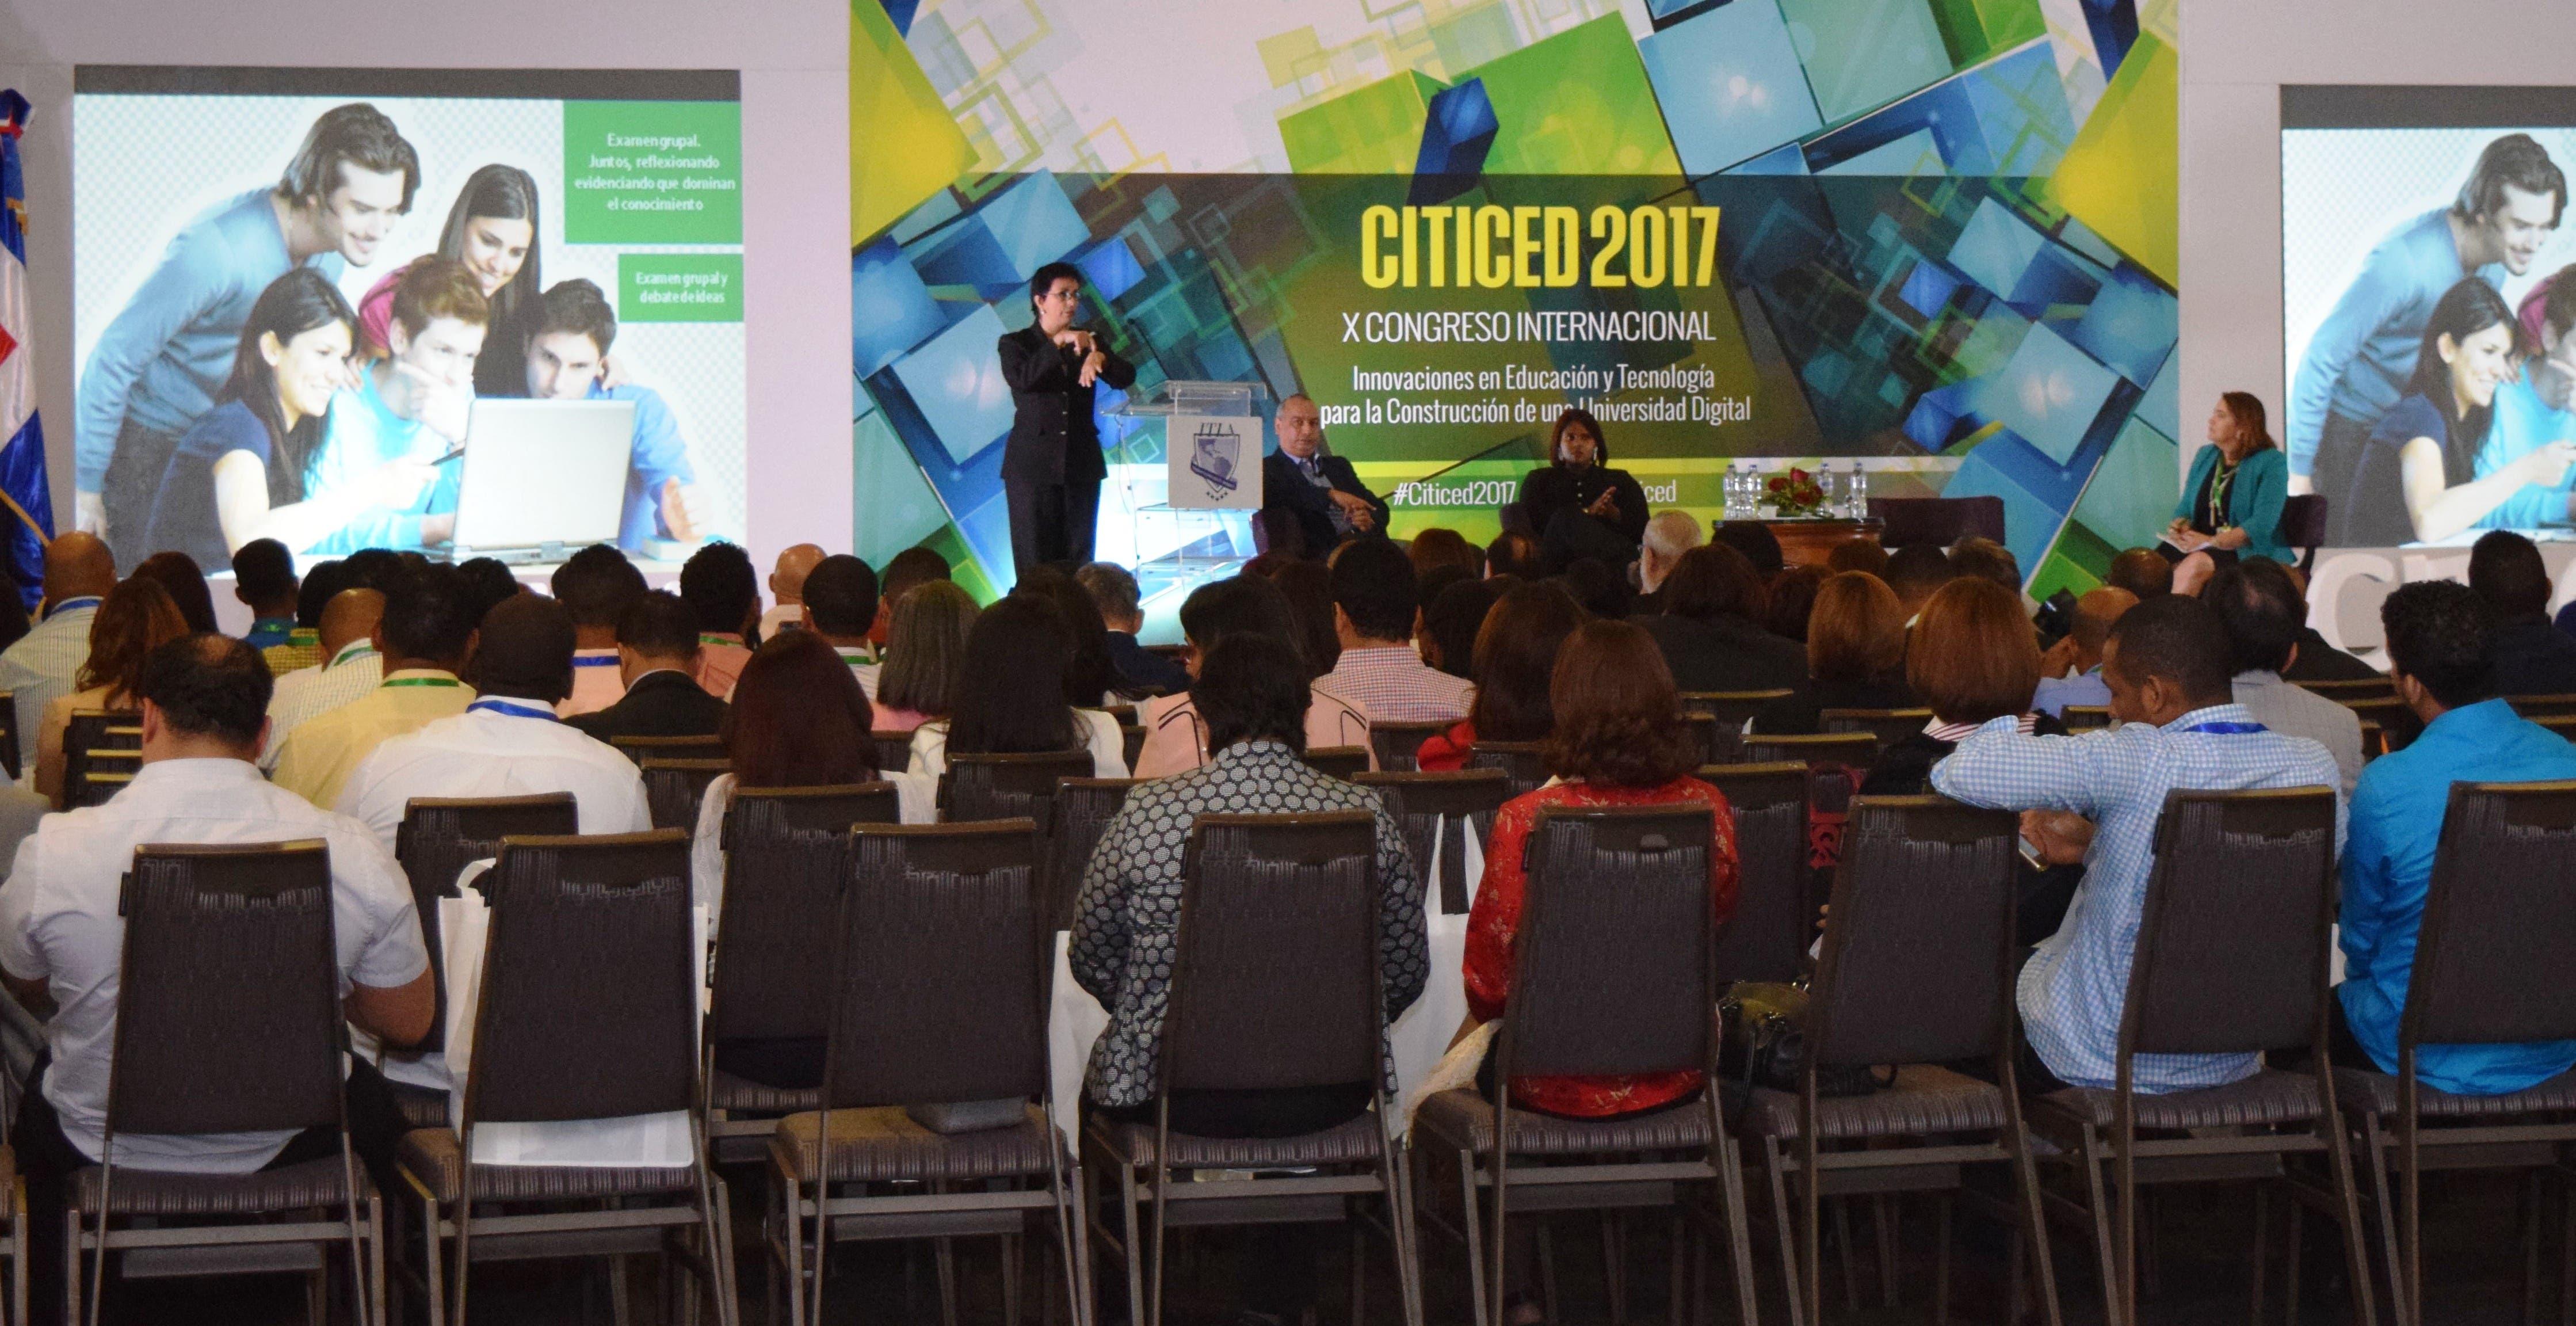 El evento que se celebra cada dos años, busca generar un espacio para analizar, reflexionar e intercambiar propuestas que fomenten la integración de las TIC en los procesos de enseñanza-aprendizaje de la educación superior.